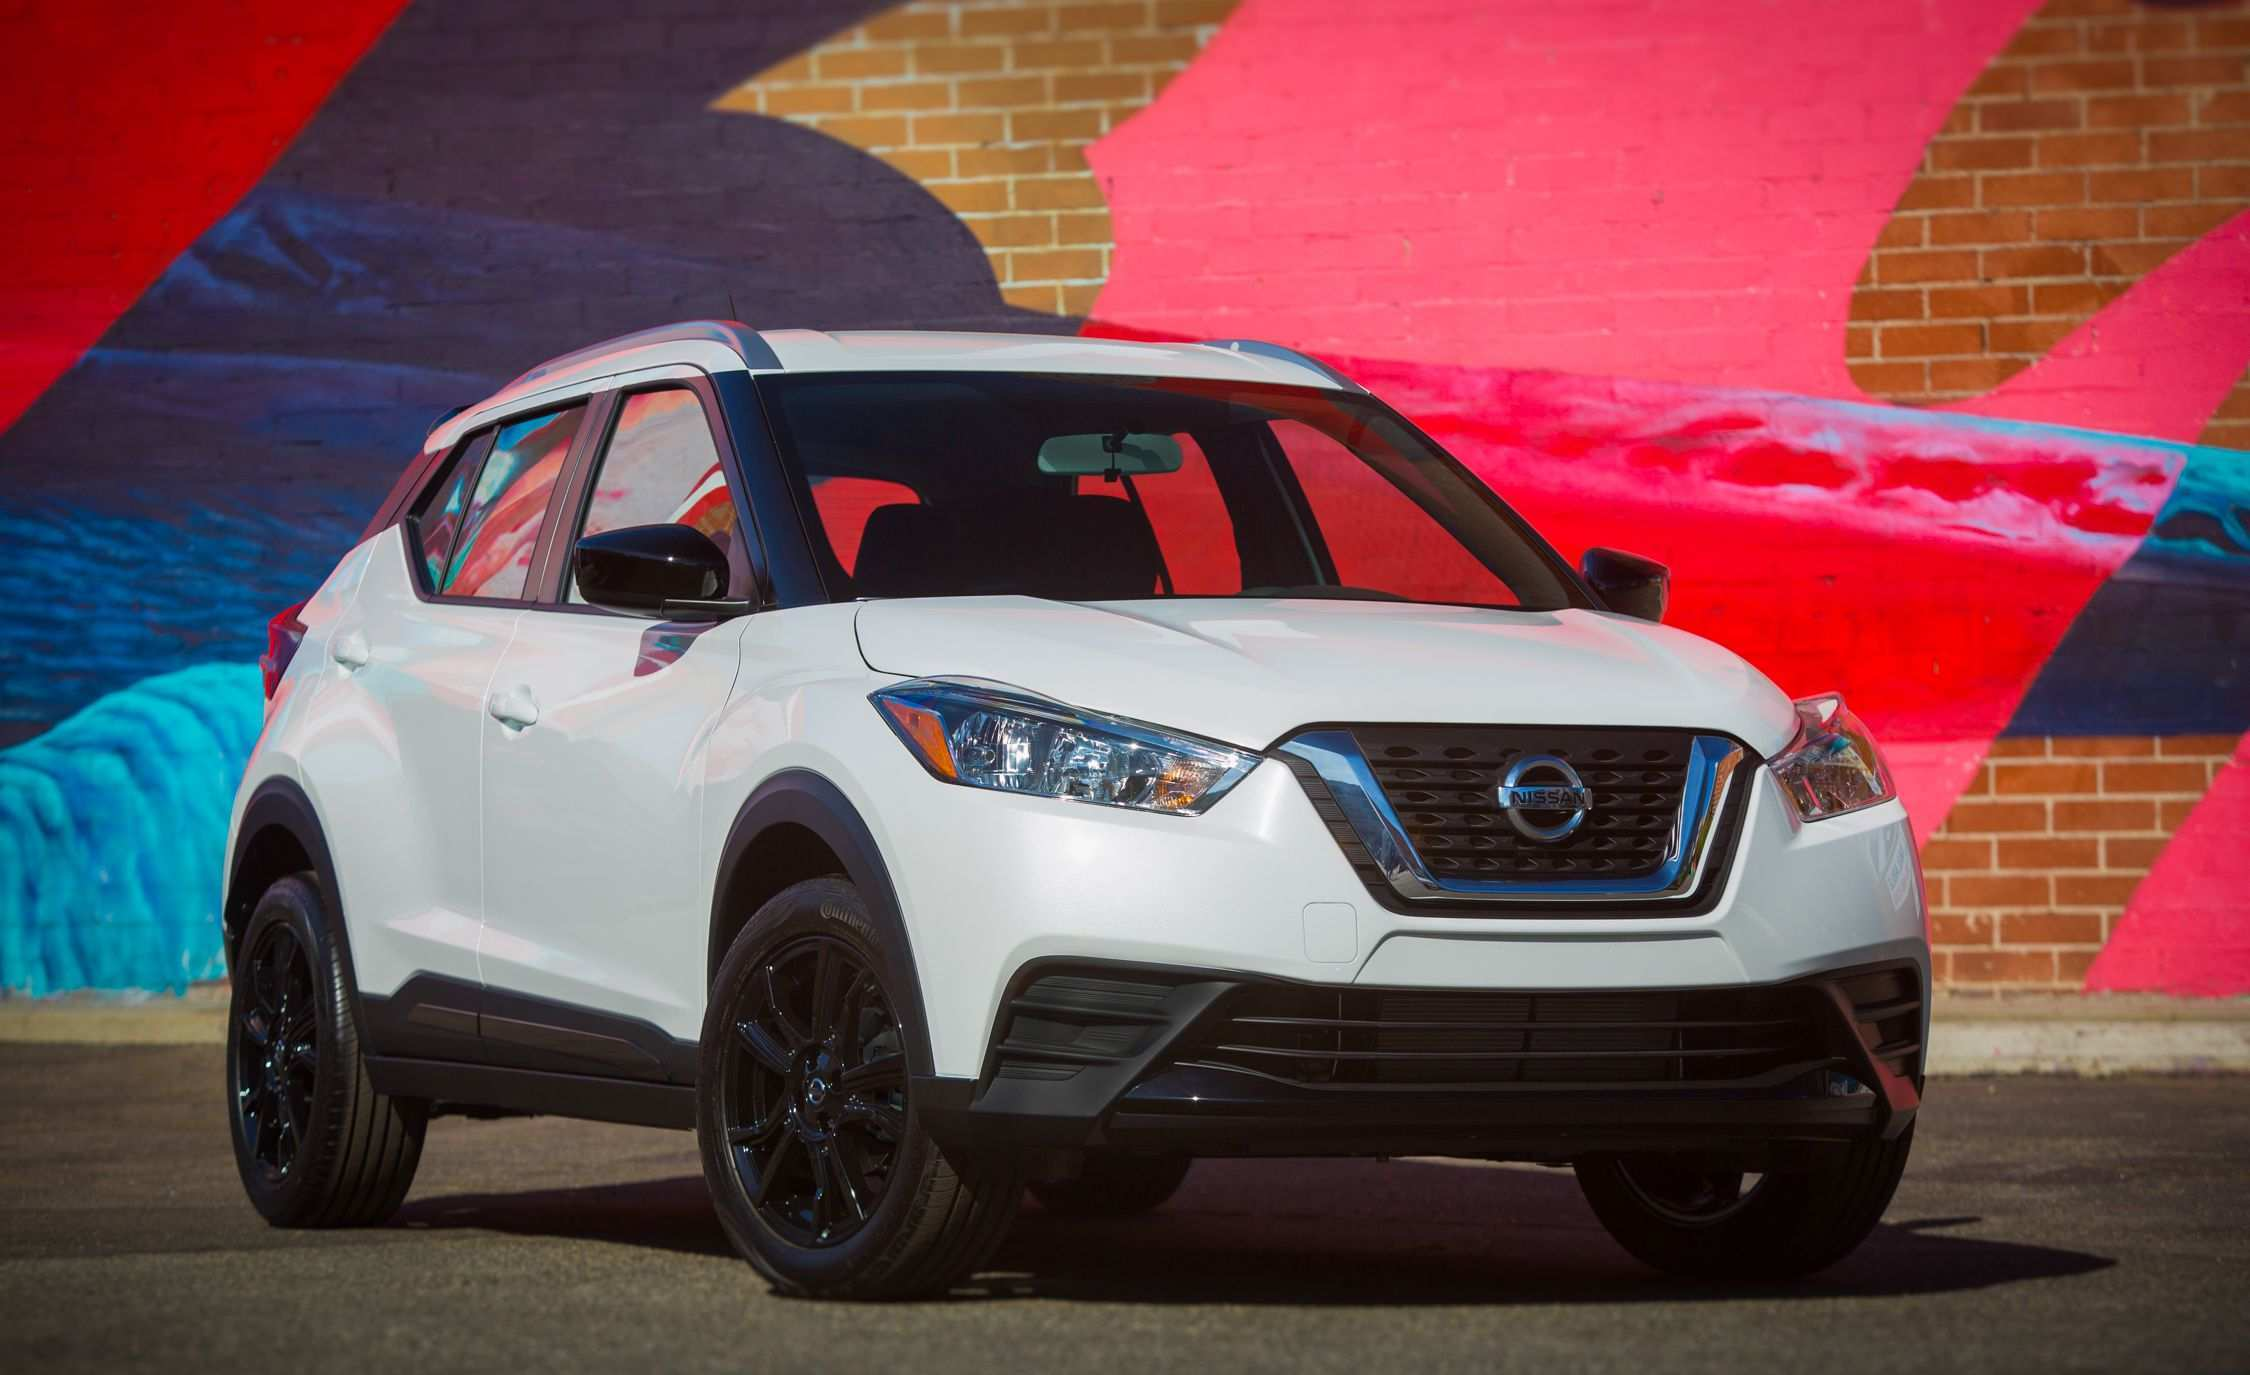 98 Great Nissan Kicks 2020 Preço Review by Nissan Kicks 2020 Preço